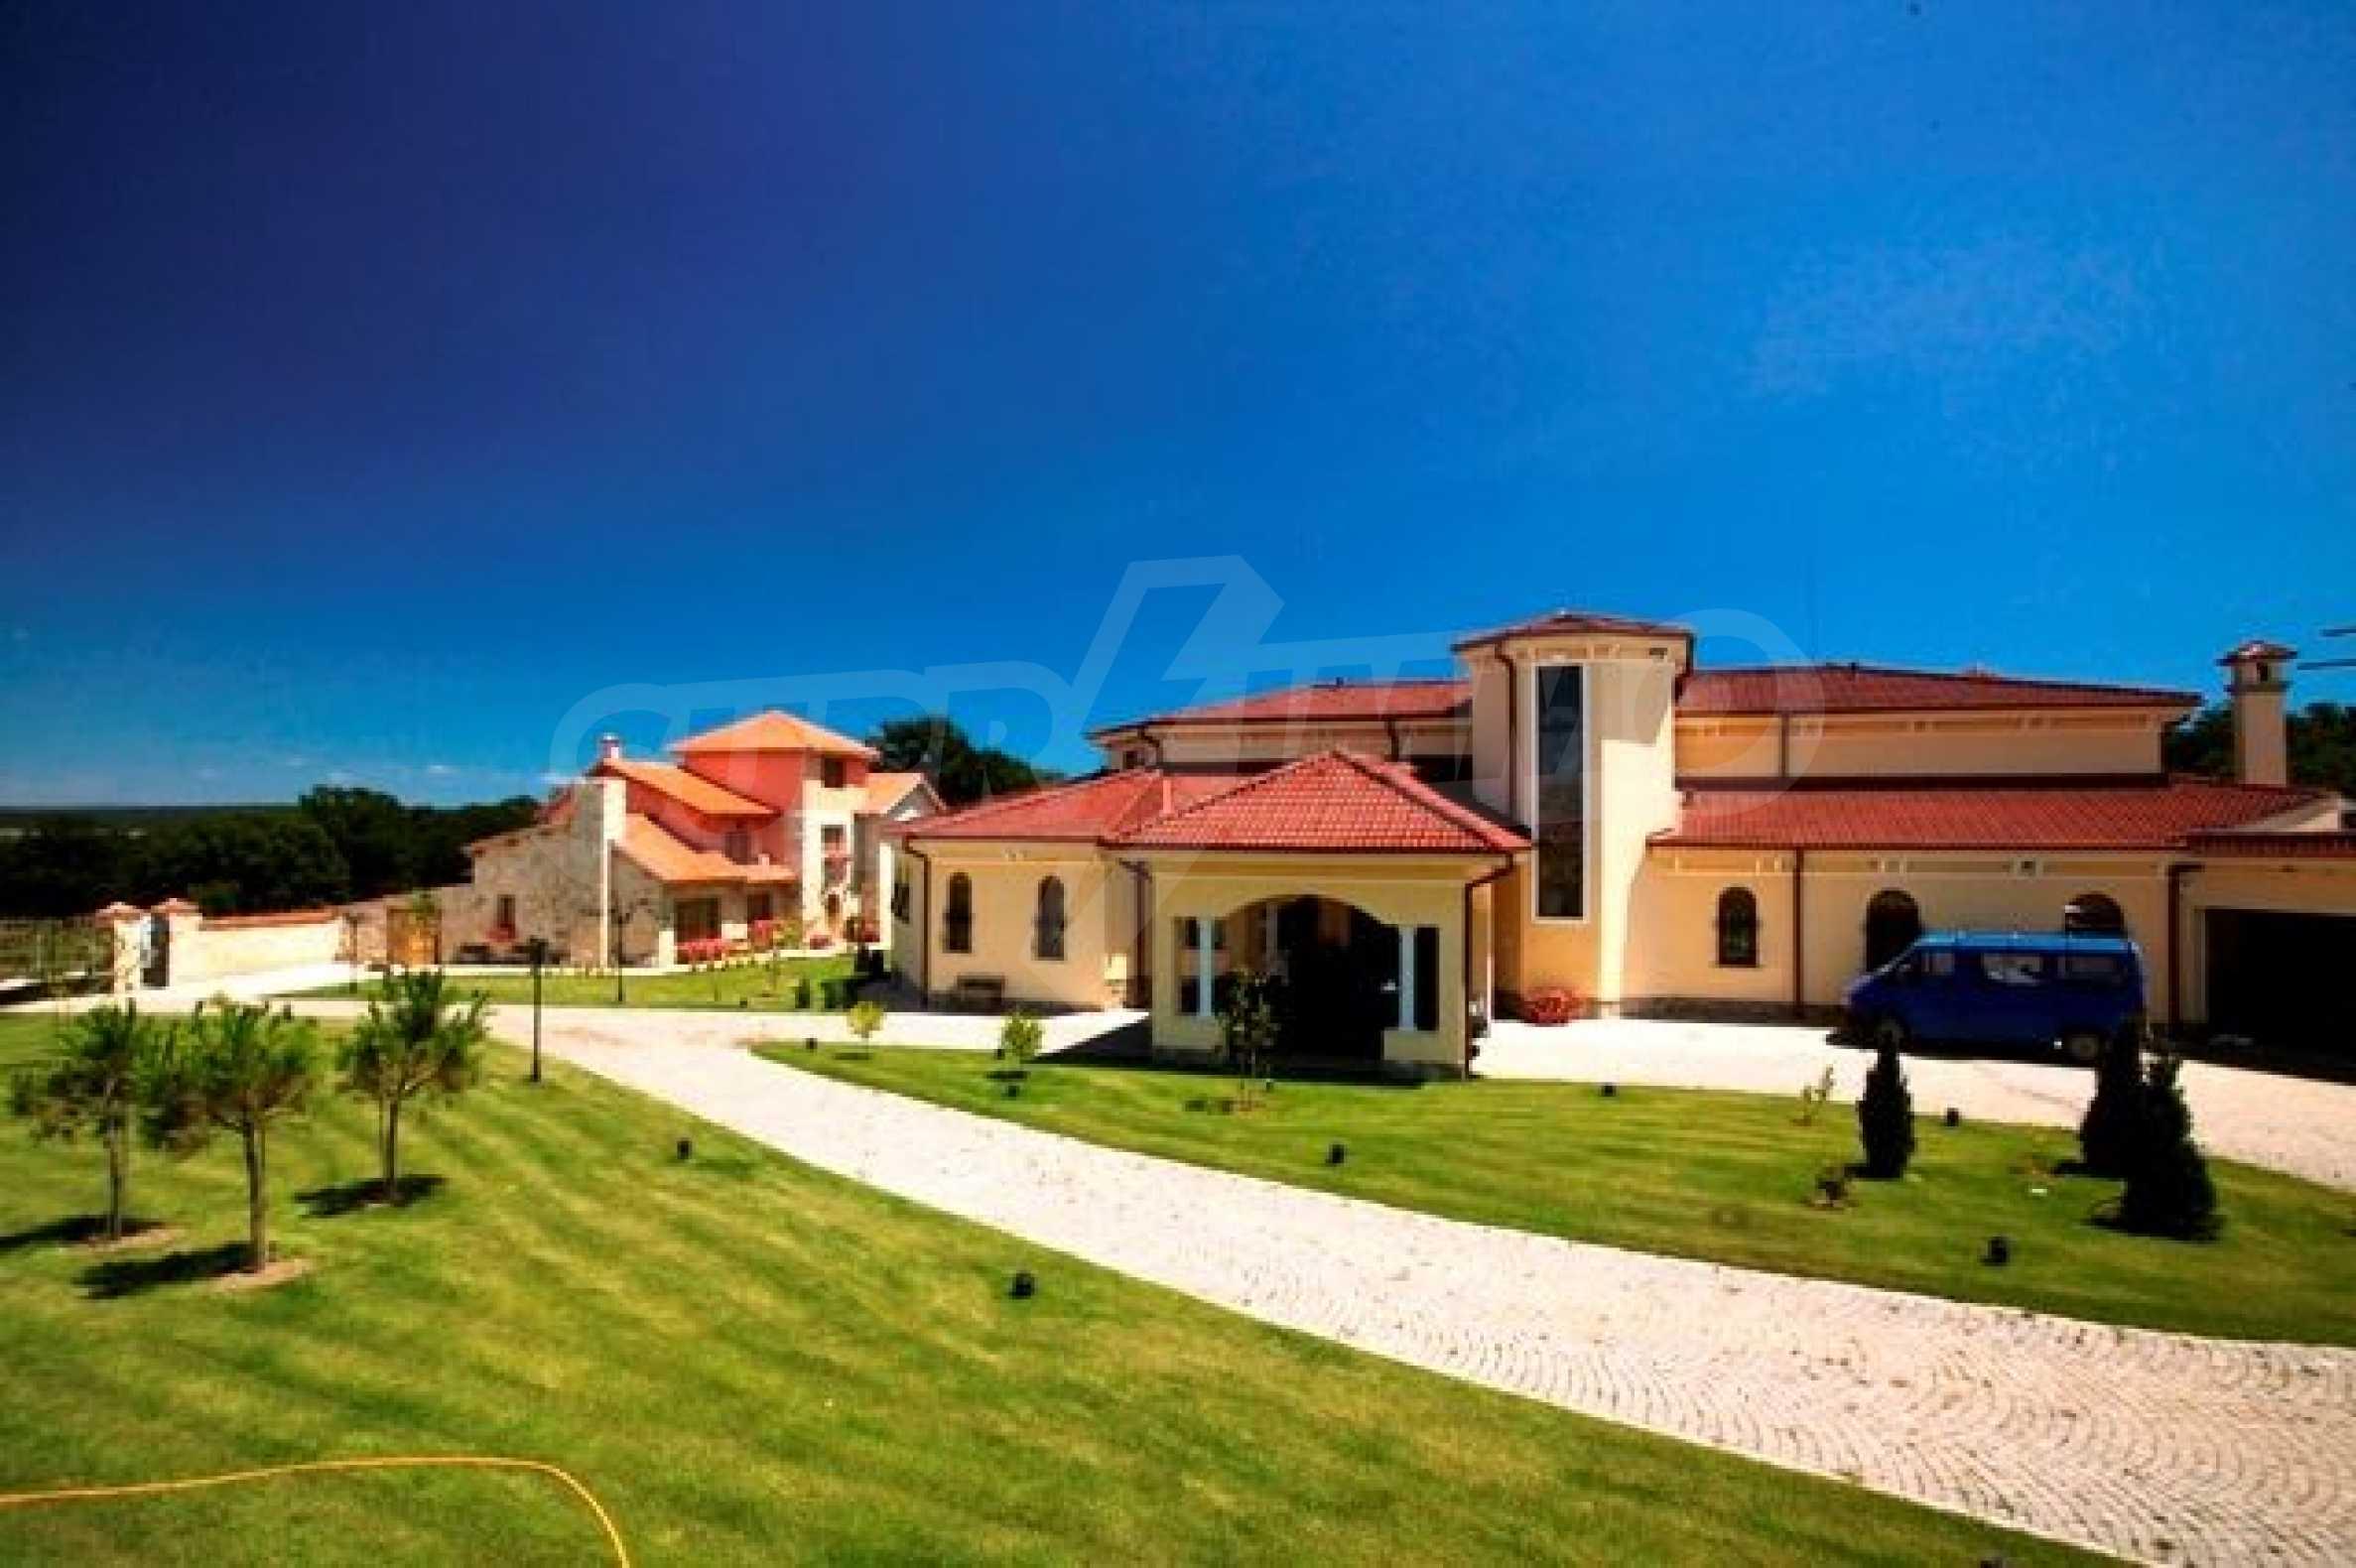 Великолепно имение с басейн и градина във френския стил прованс 7